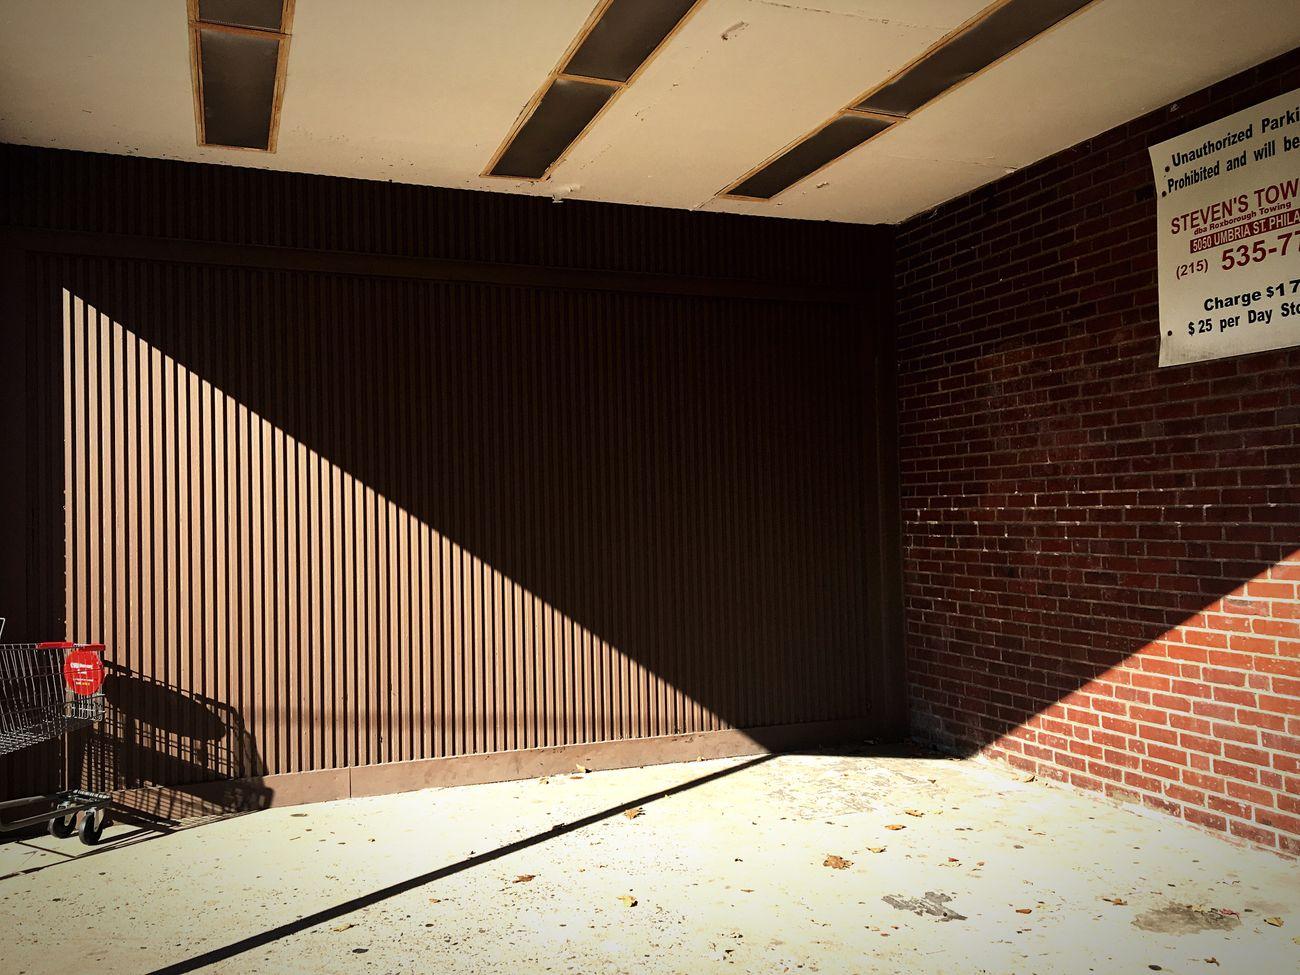 Minimal Sunlight Minimalist Minimalism Minimalobsession Shadows & Lights Illuminated